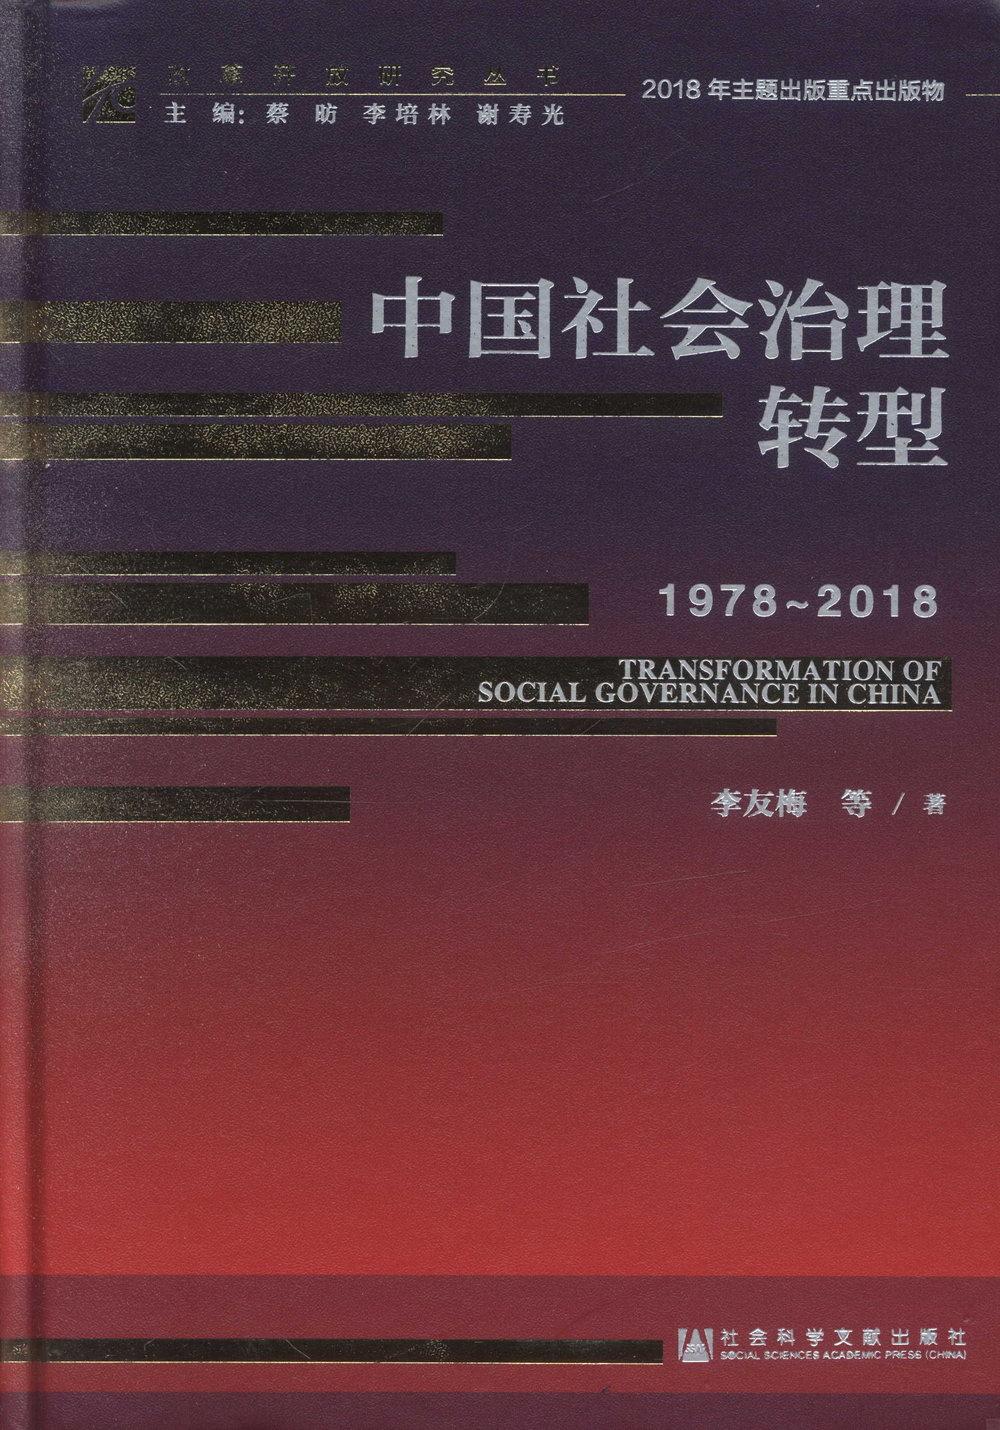 中國社會治理轉型(1978-2018)